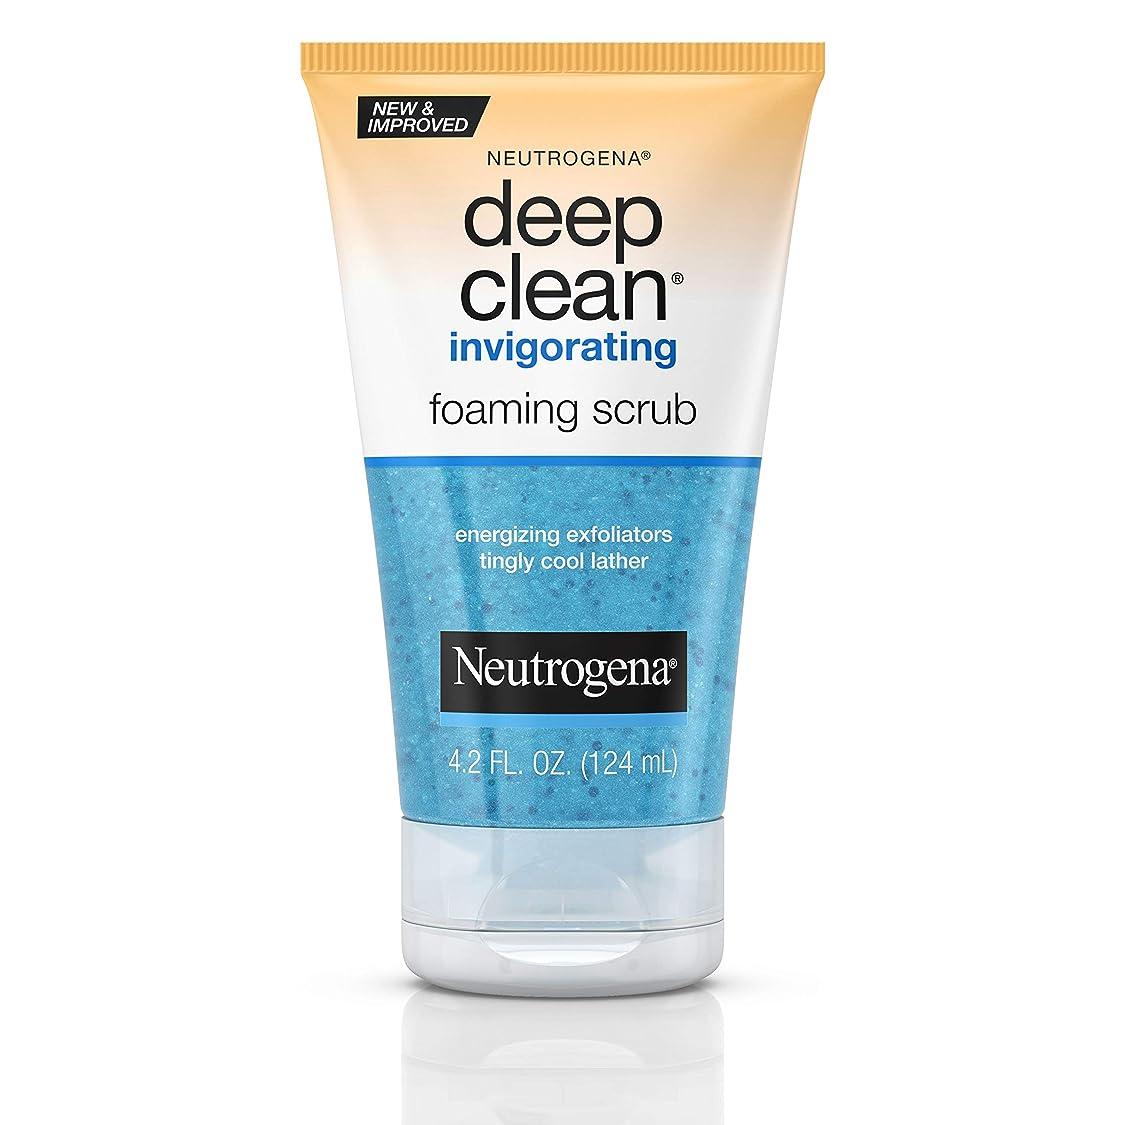 恐ろしい自分貢献するNeutrogena Deep Clean Invigorating Foaming Scrub ニキビのための皮膚の奥までキレイにする洗顔ジェル125ml